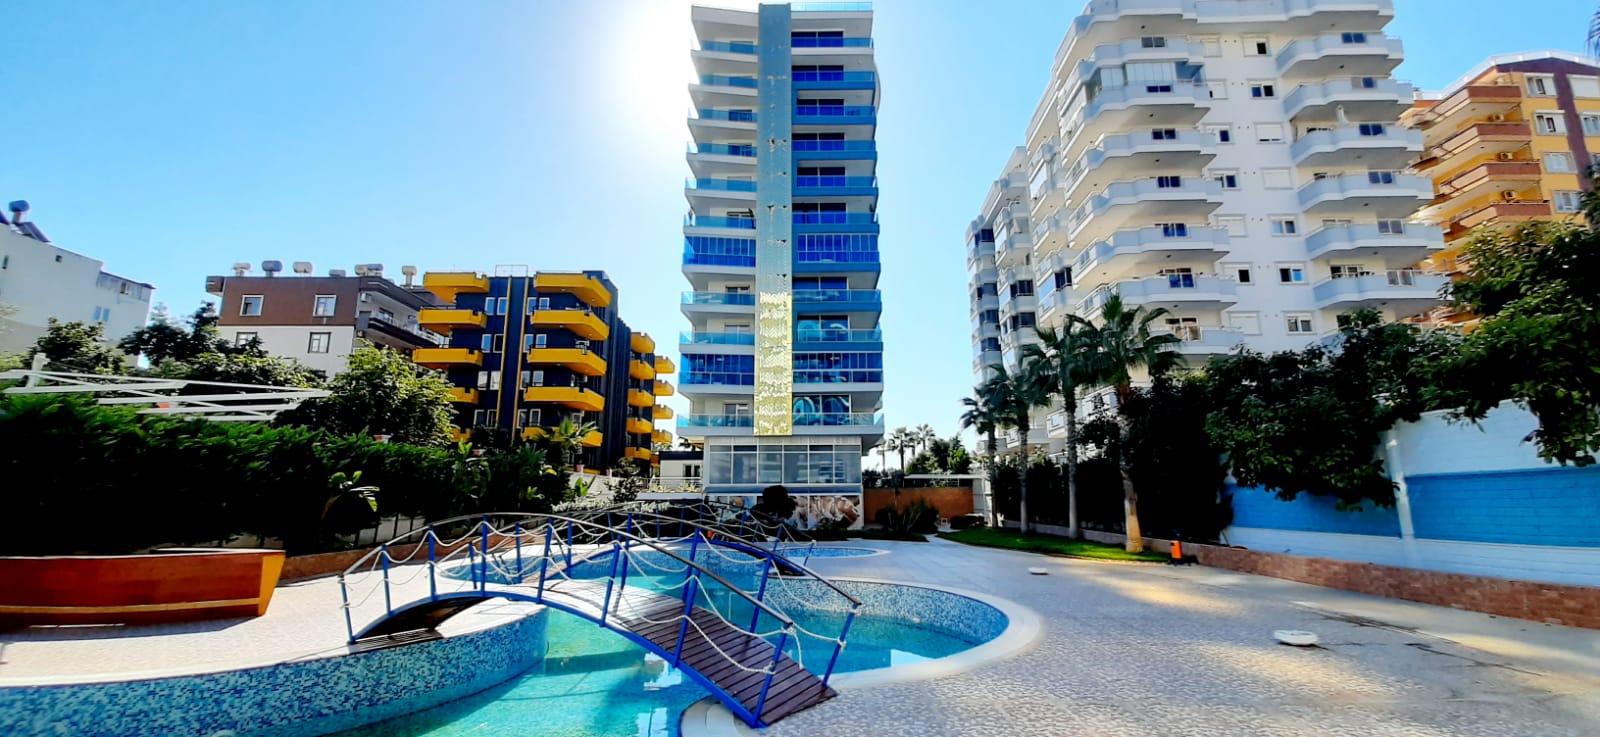 Двухкомнатная квартира в 50 метрах от пляжа - Фото 6